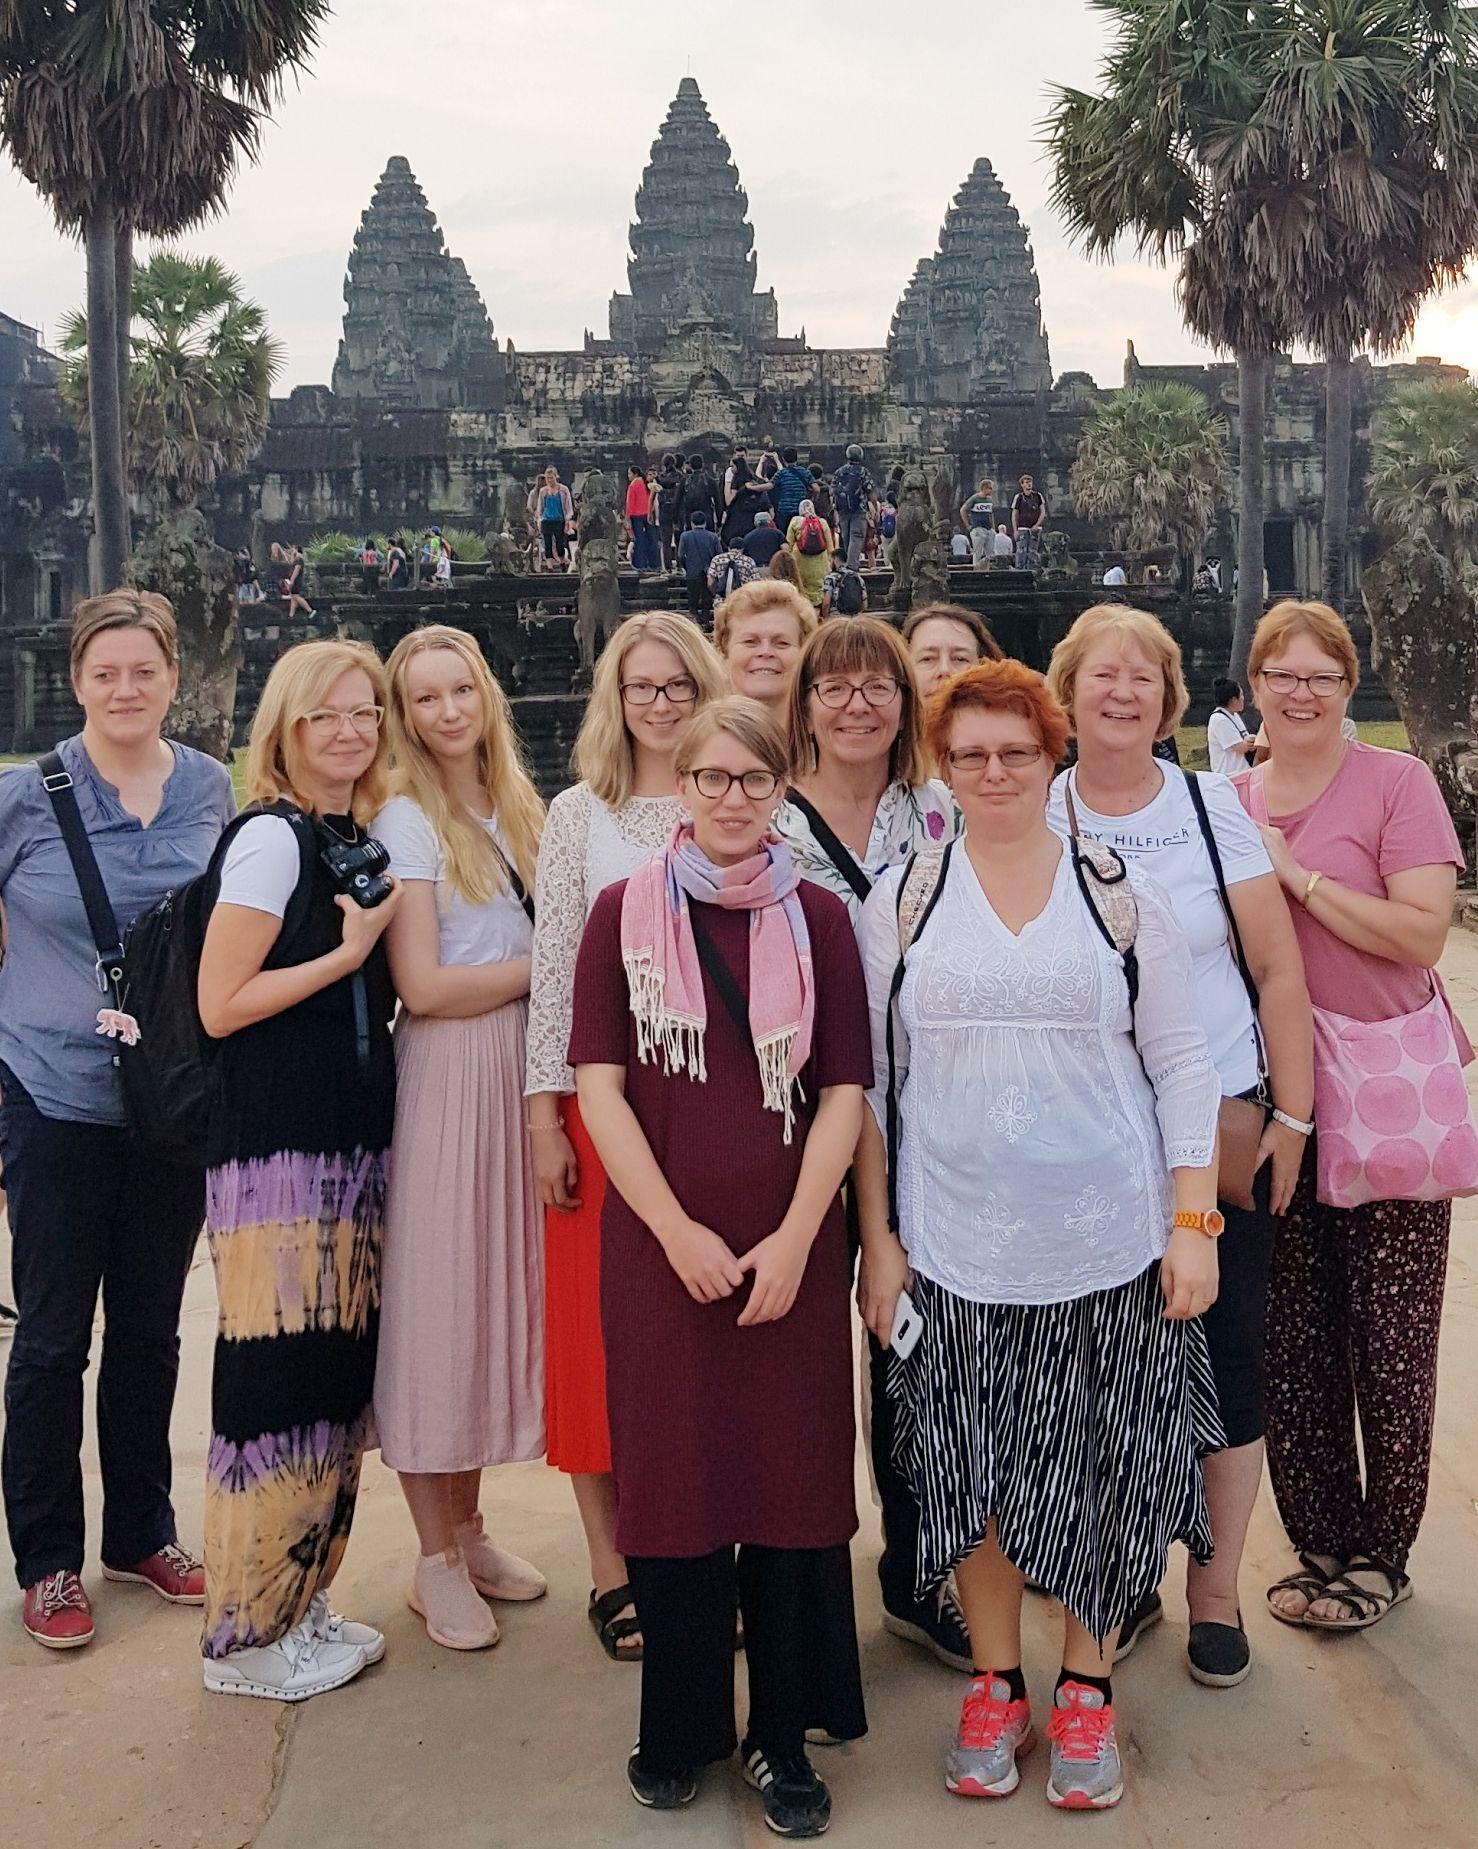 Grupp med kvinnor står framför ett tempel.